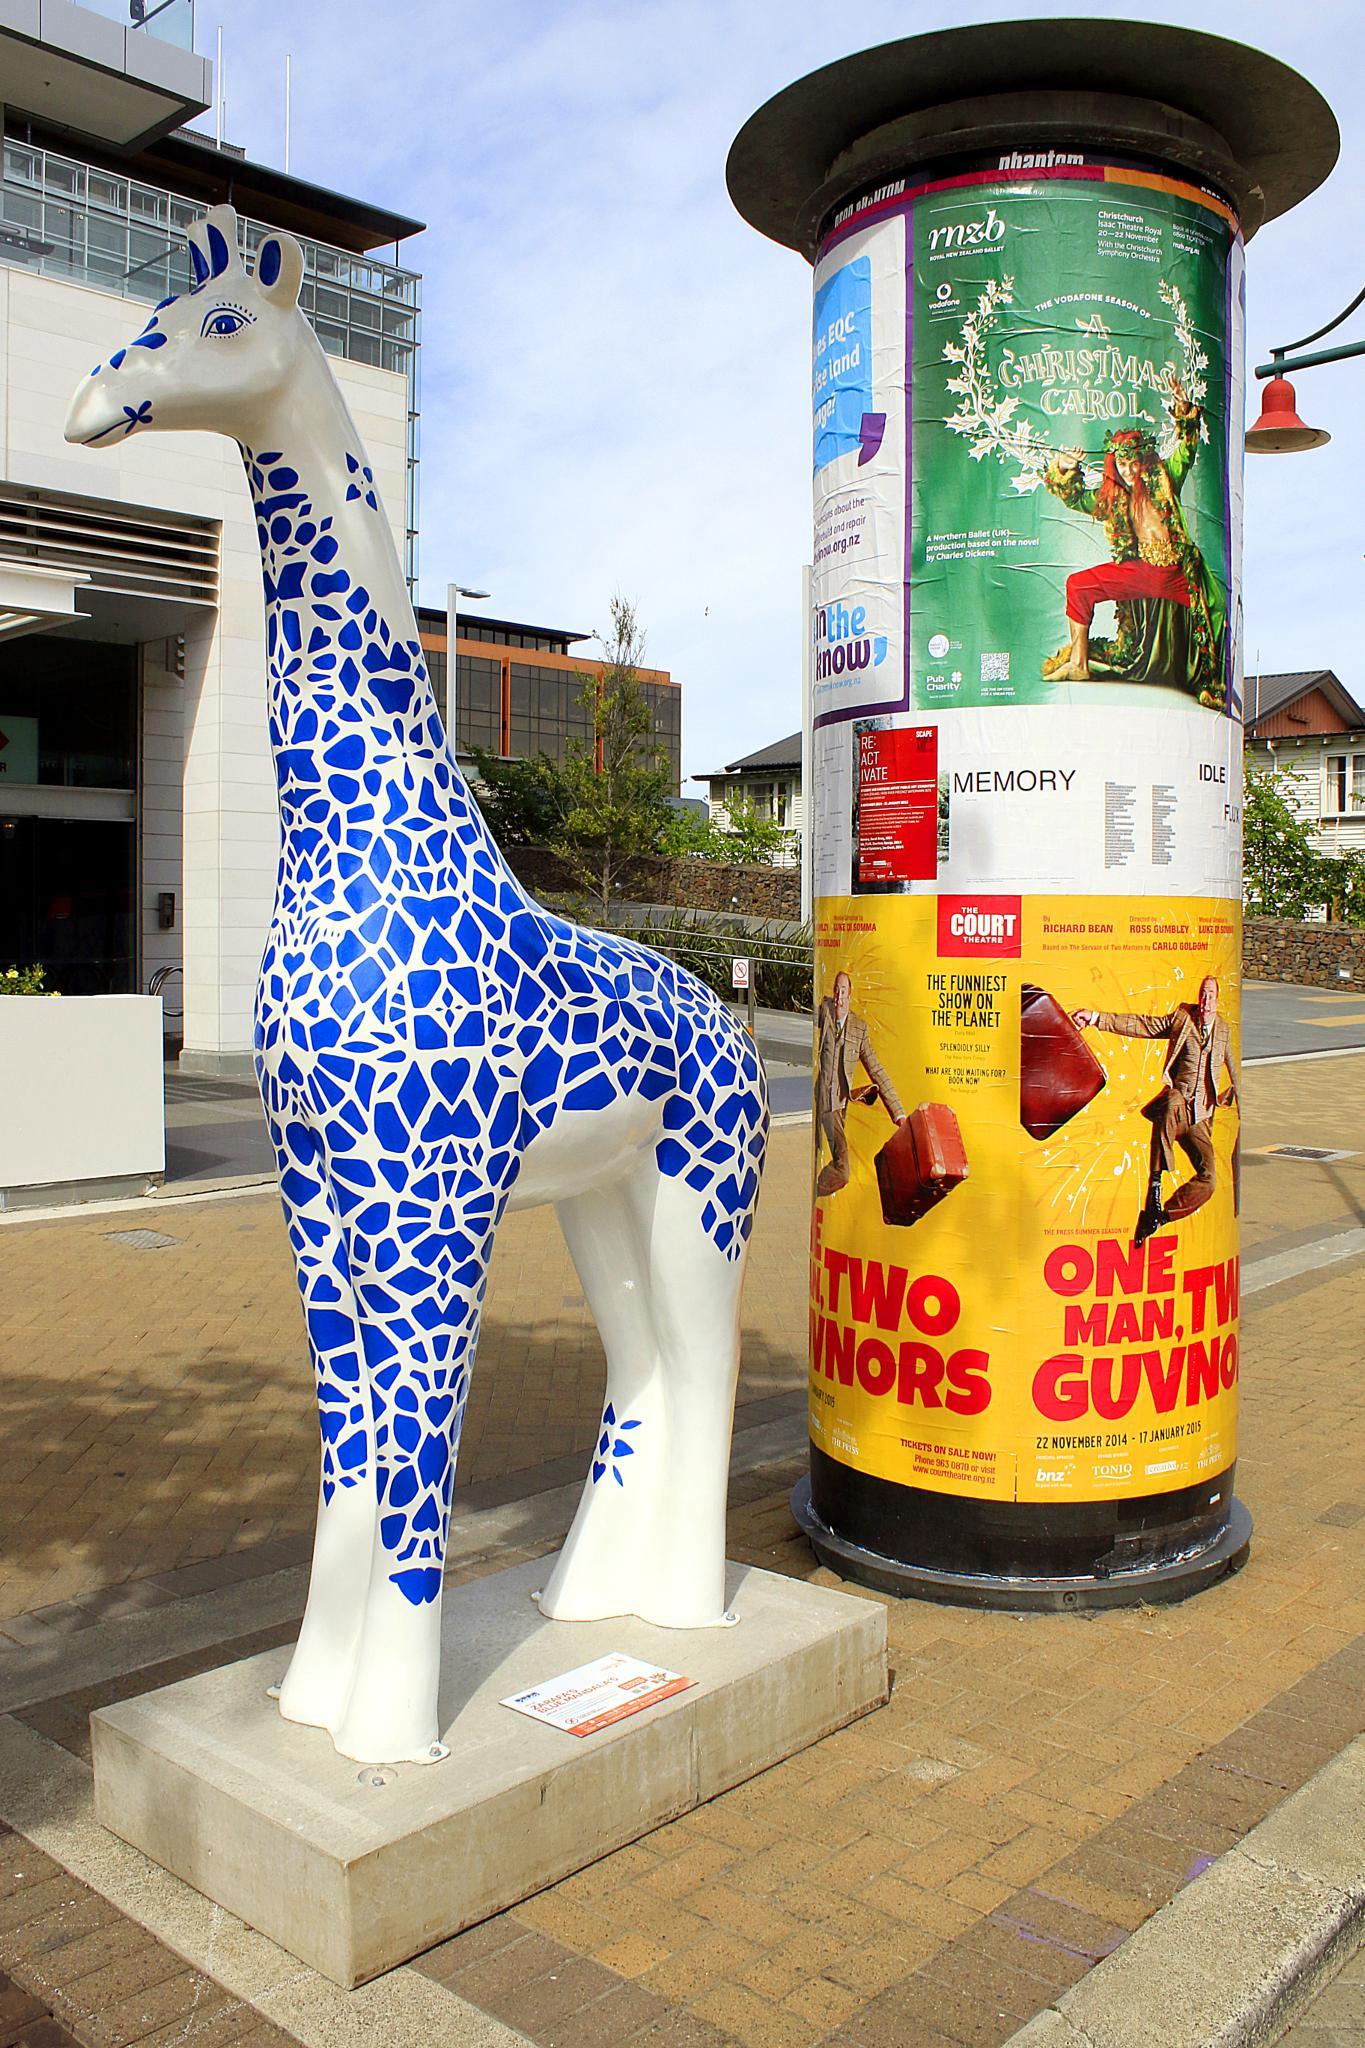 Christchurch Stands Tall Giraffe Sculptures (10) by Phil Le Cren